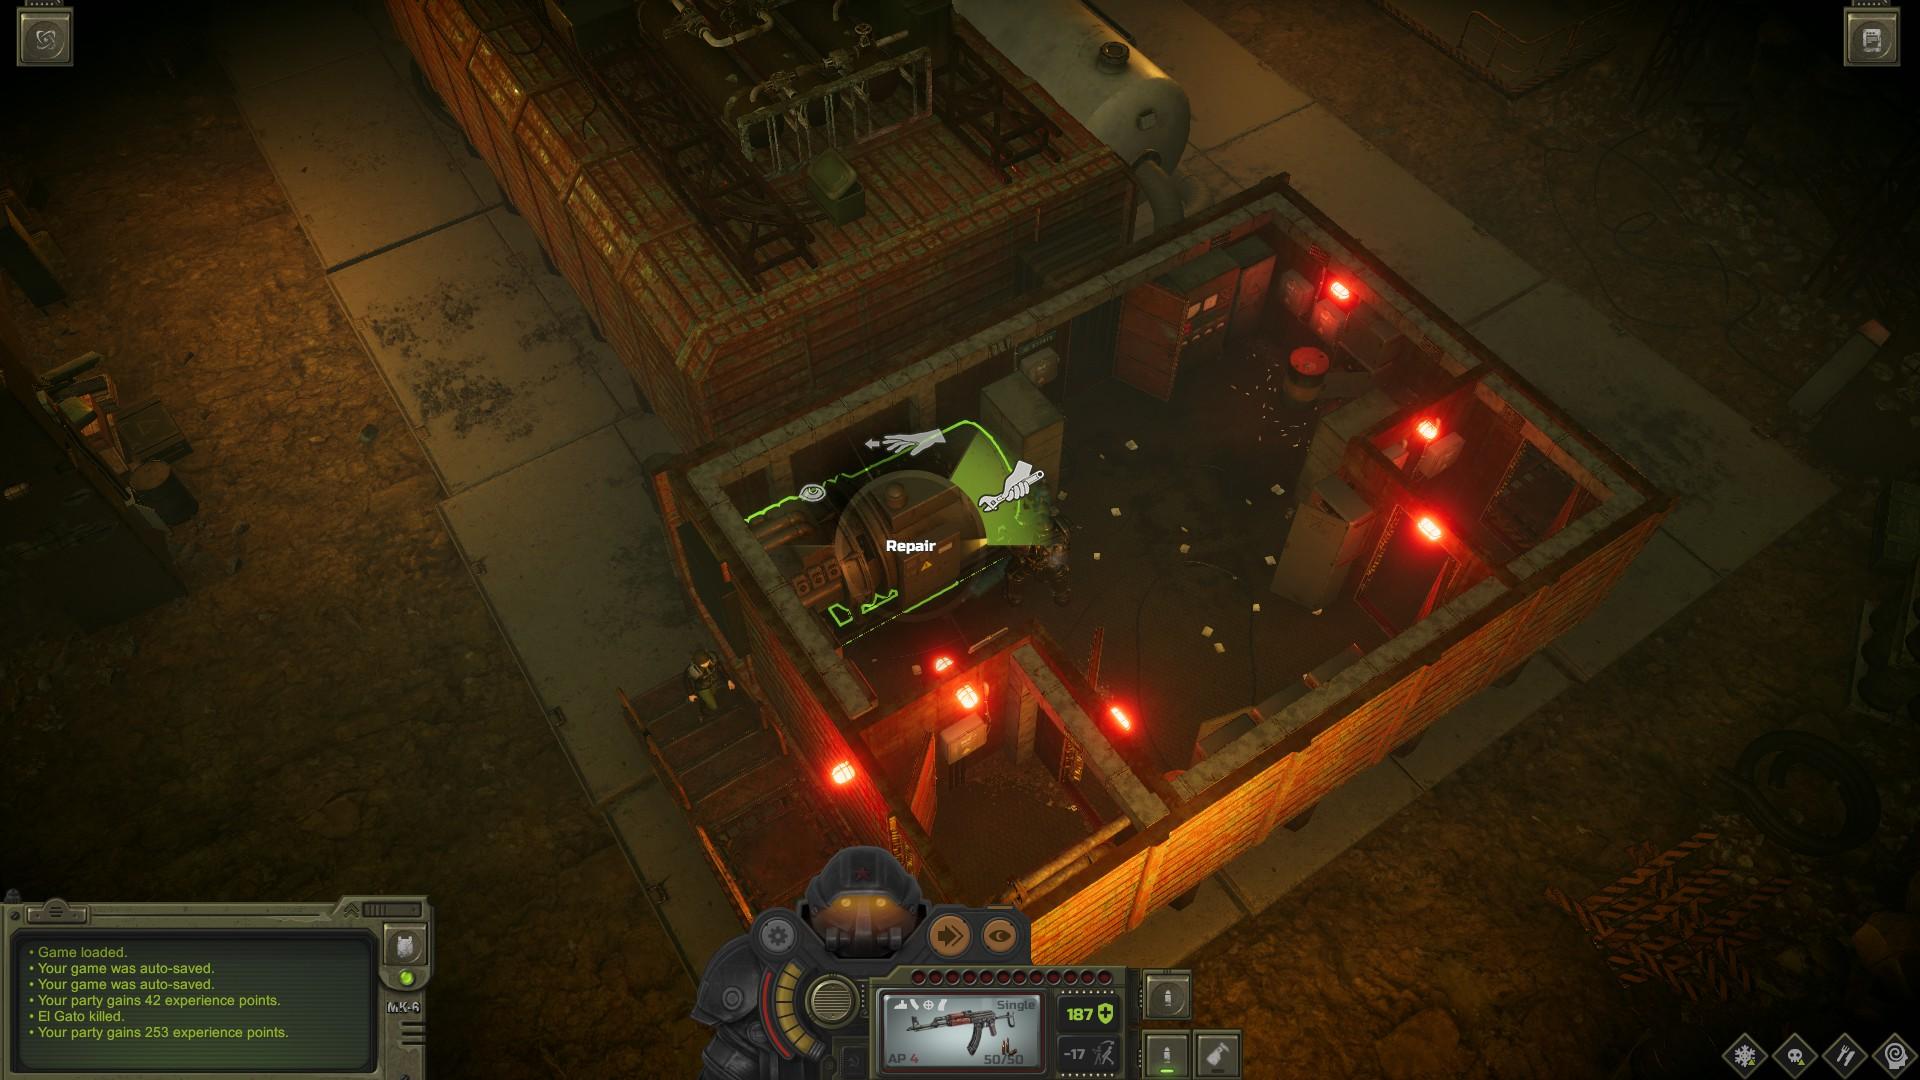 ATOM RPG Trudograd - Gameplay Tips & Walkthrough - Walkthrough Underground Test Site - 1308DDF